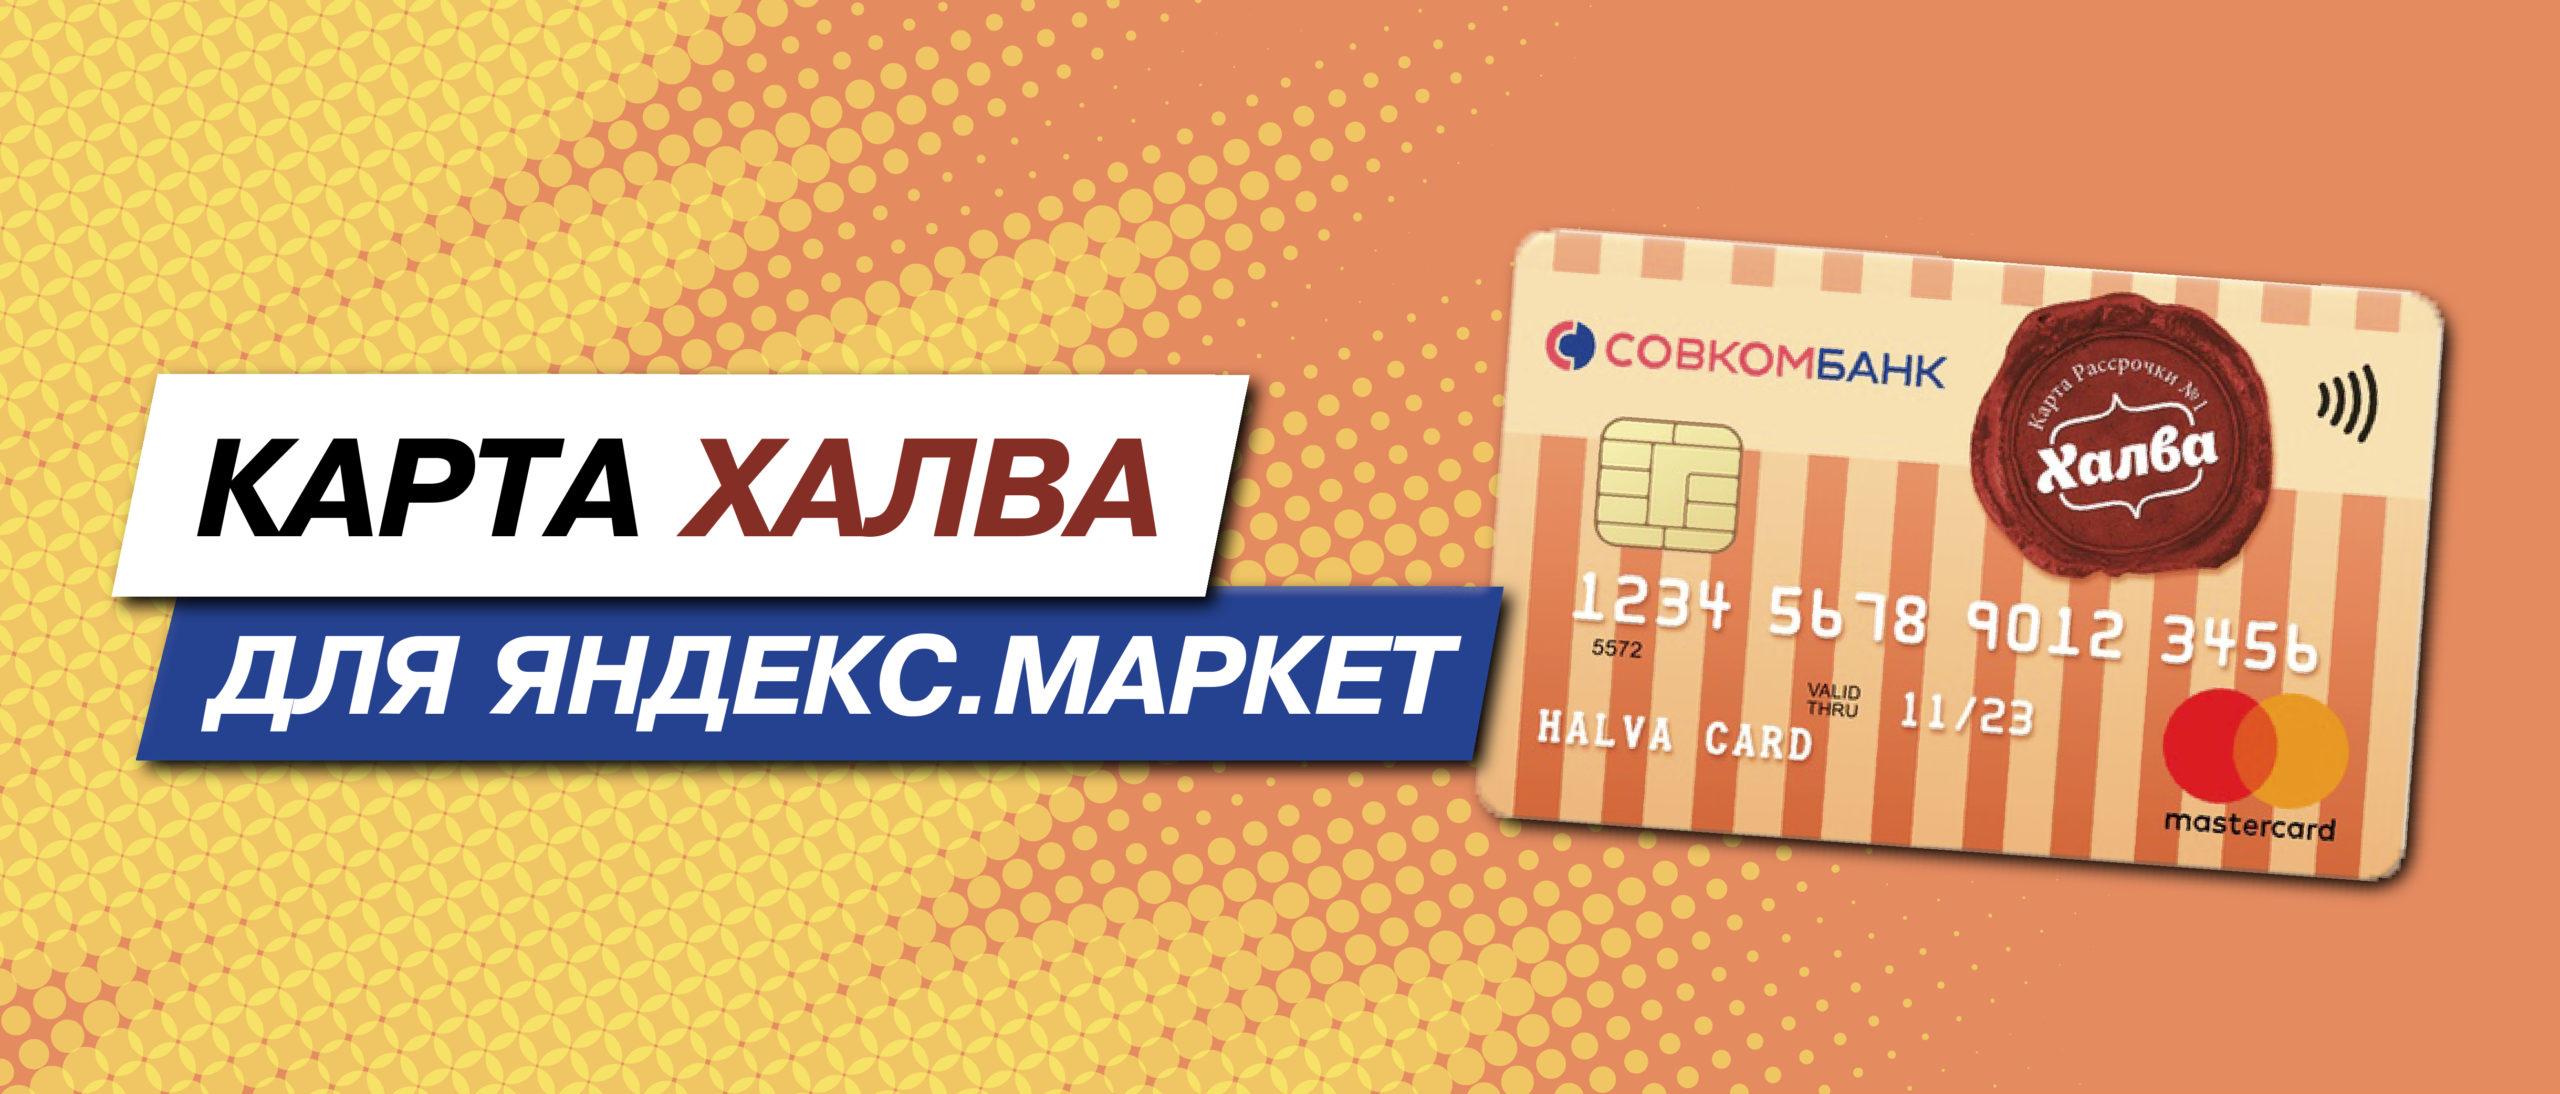 Карта Халва для Яндекс.Маркет